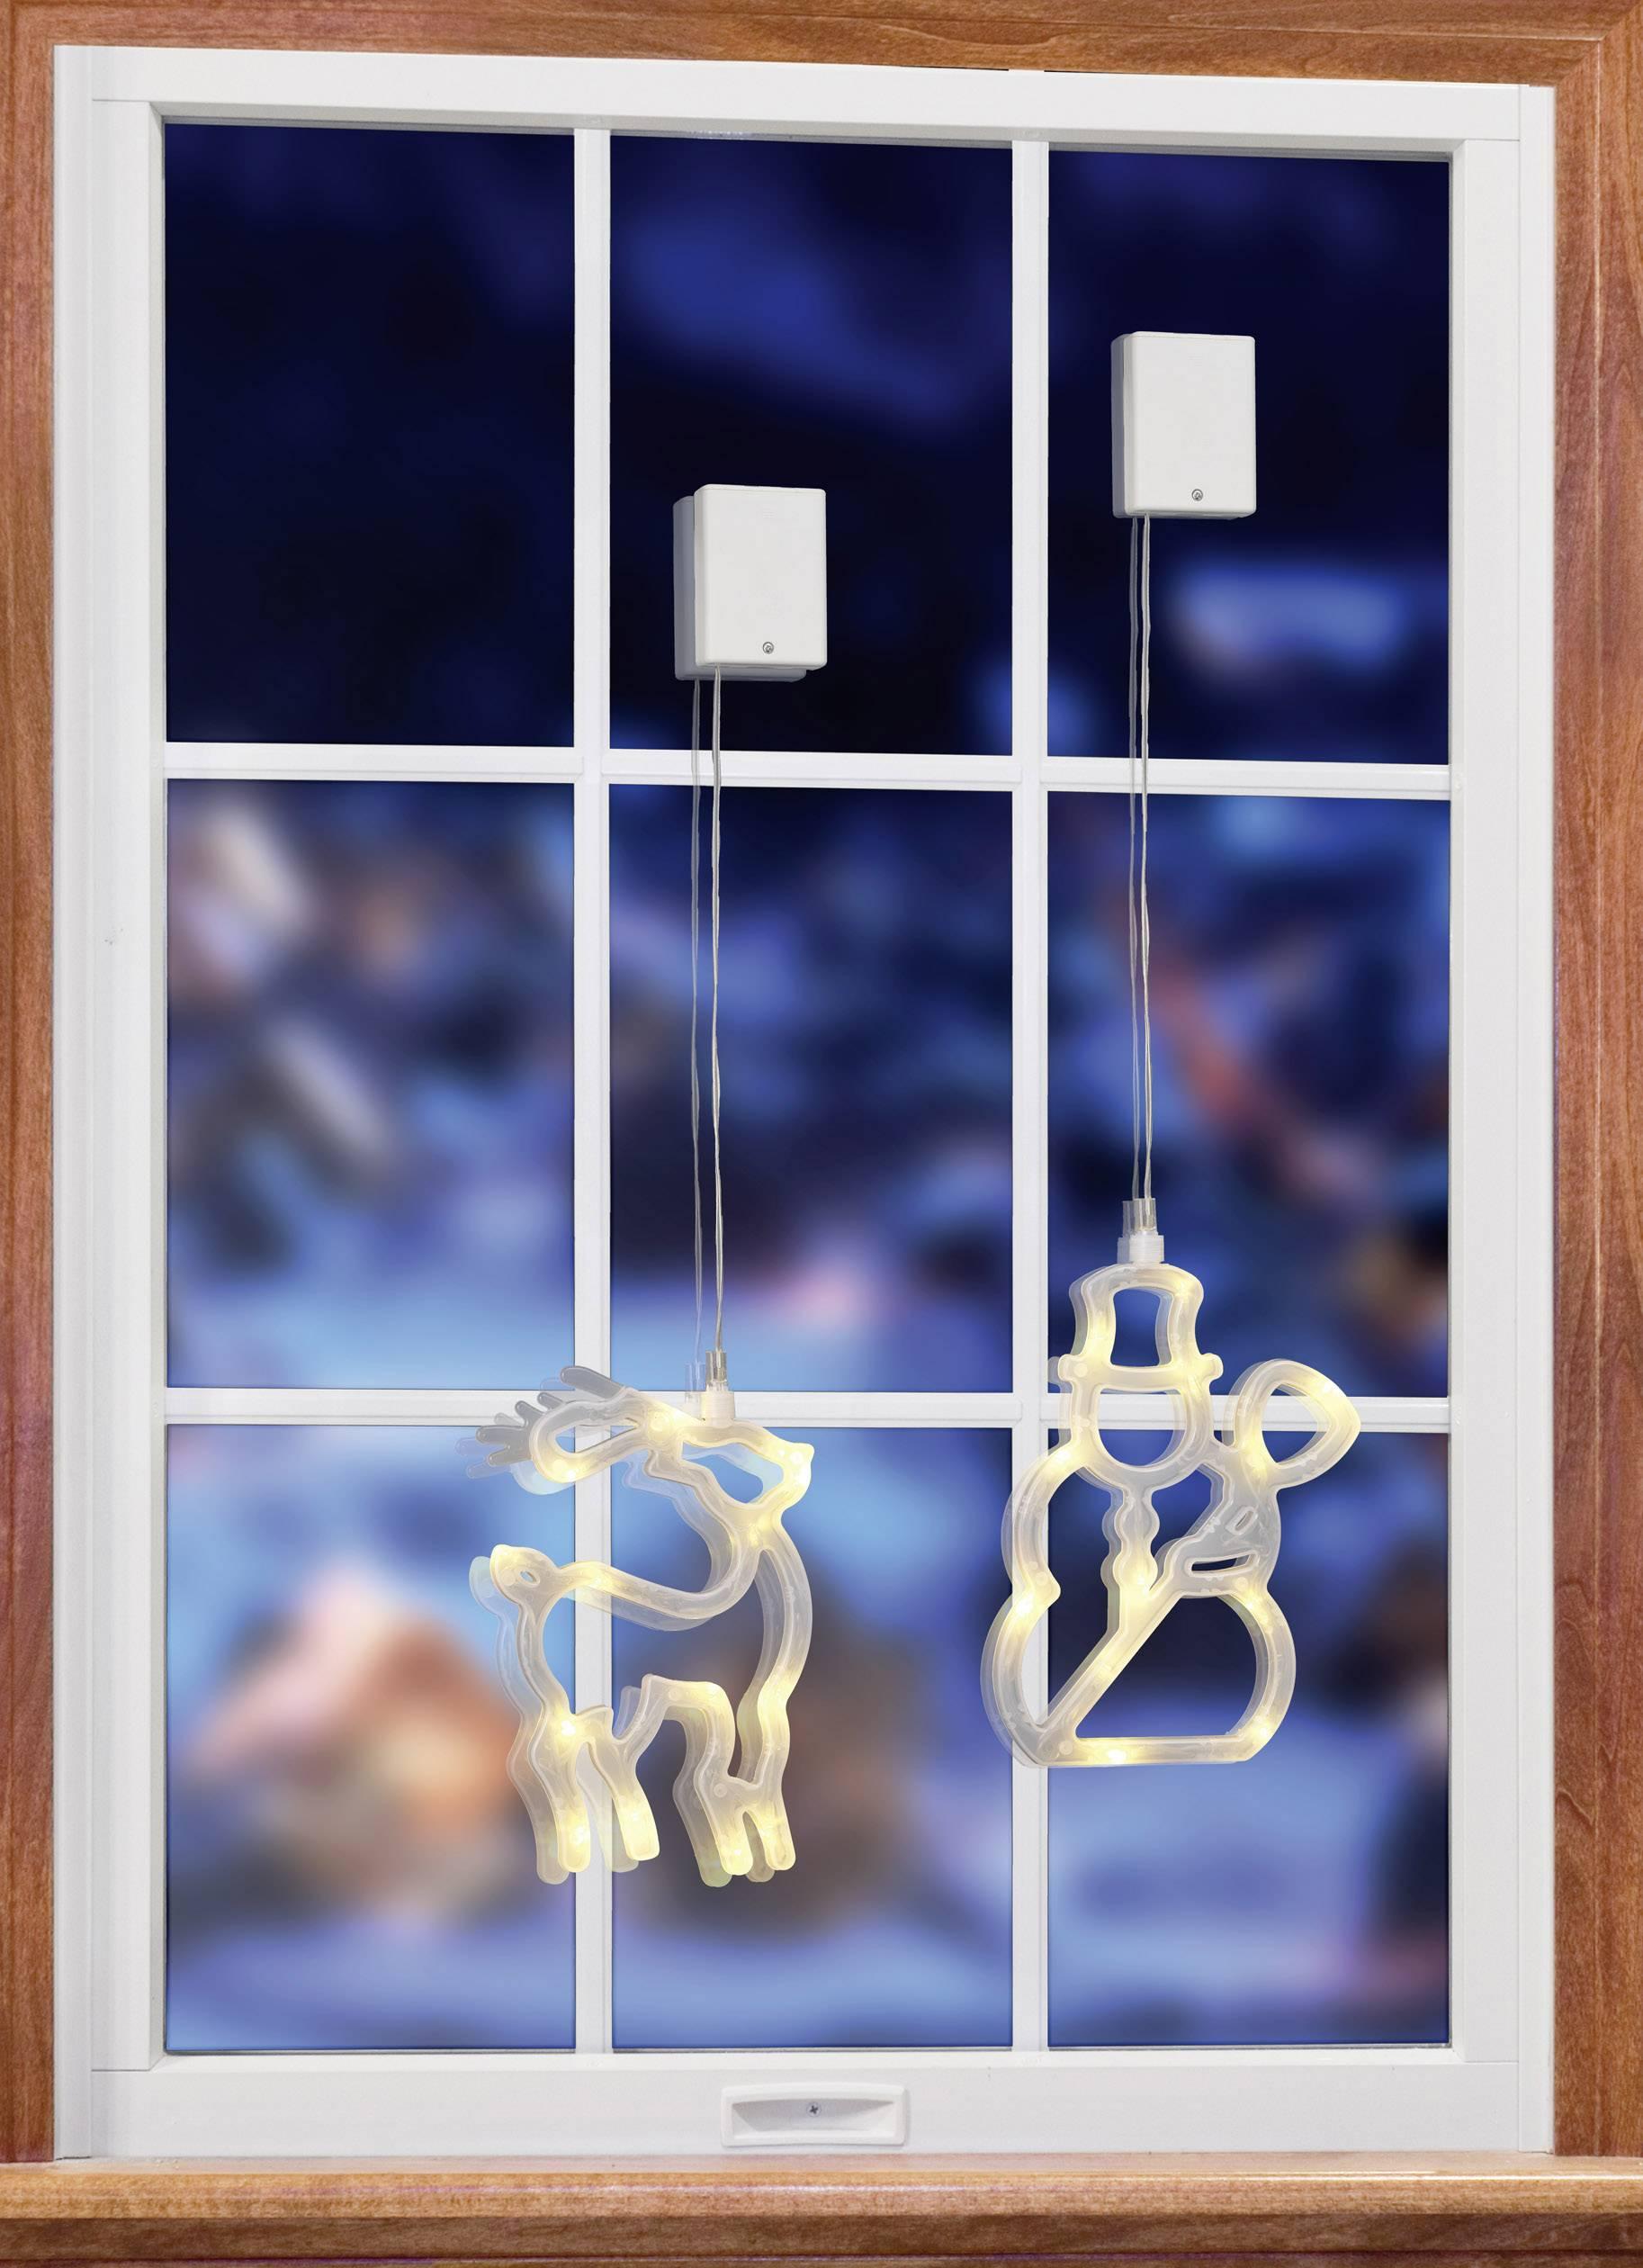 Vianočné LED osvetlenie do okna Polarlite LBA-50-008, sob